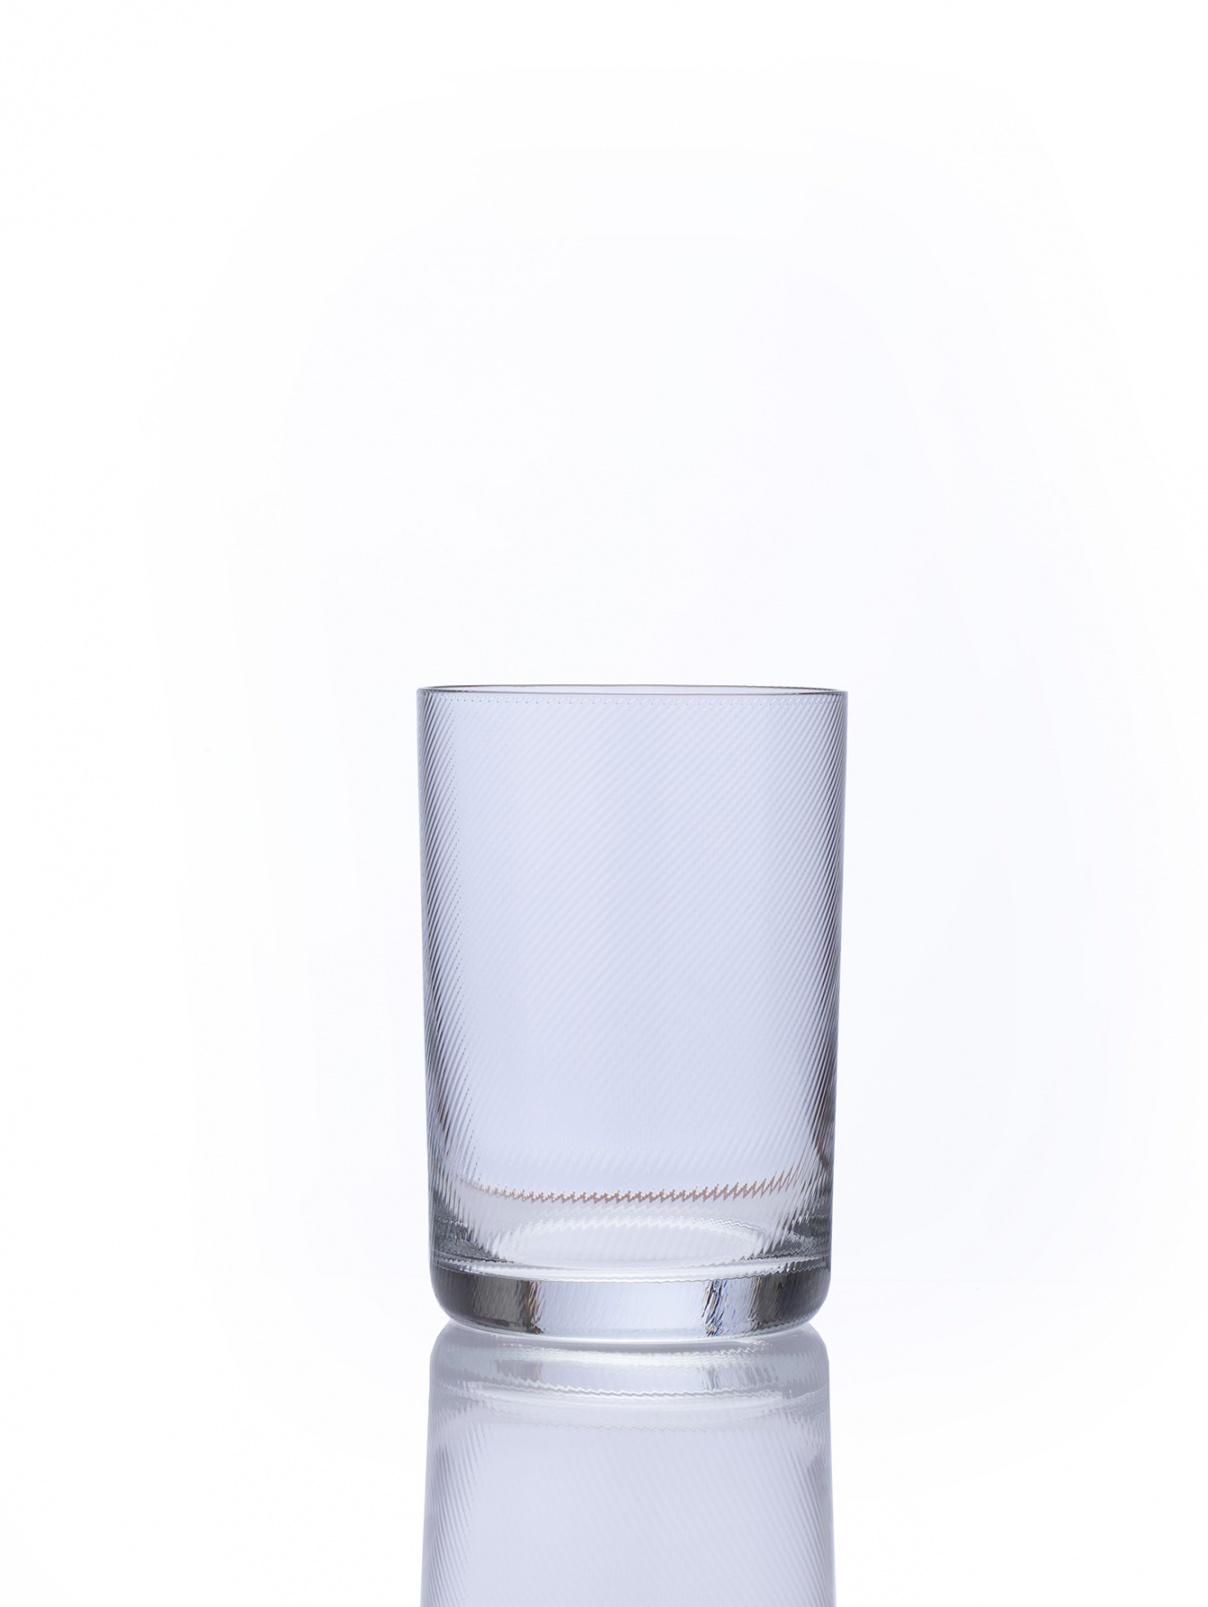 Бокал для воды, высота - 10 см, диаметр - 6,8 см NasonMoretti  –  Общий вид